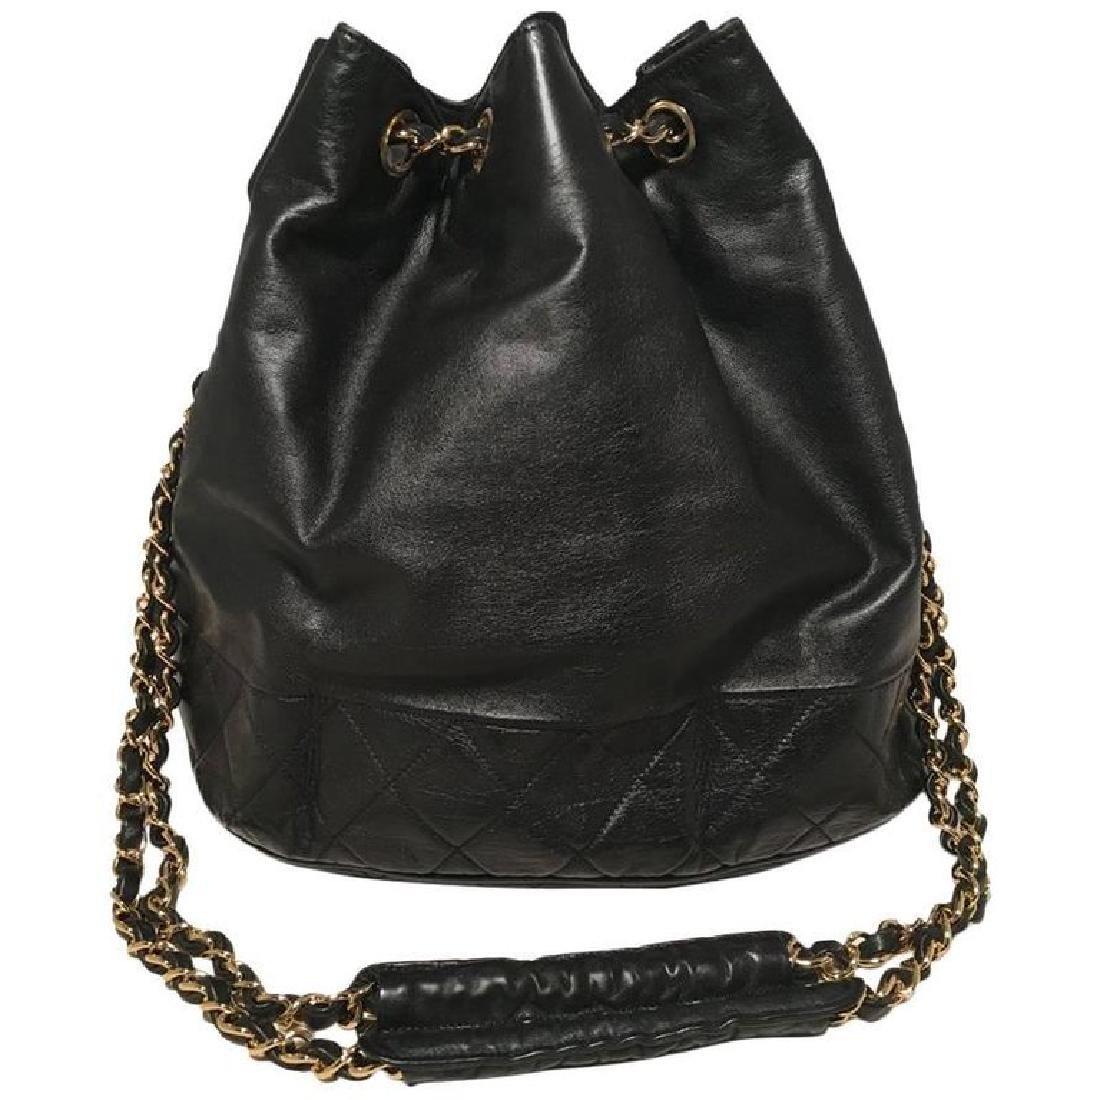 Chanel Vintage Black Leather Drawstring Bucket Shoulder